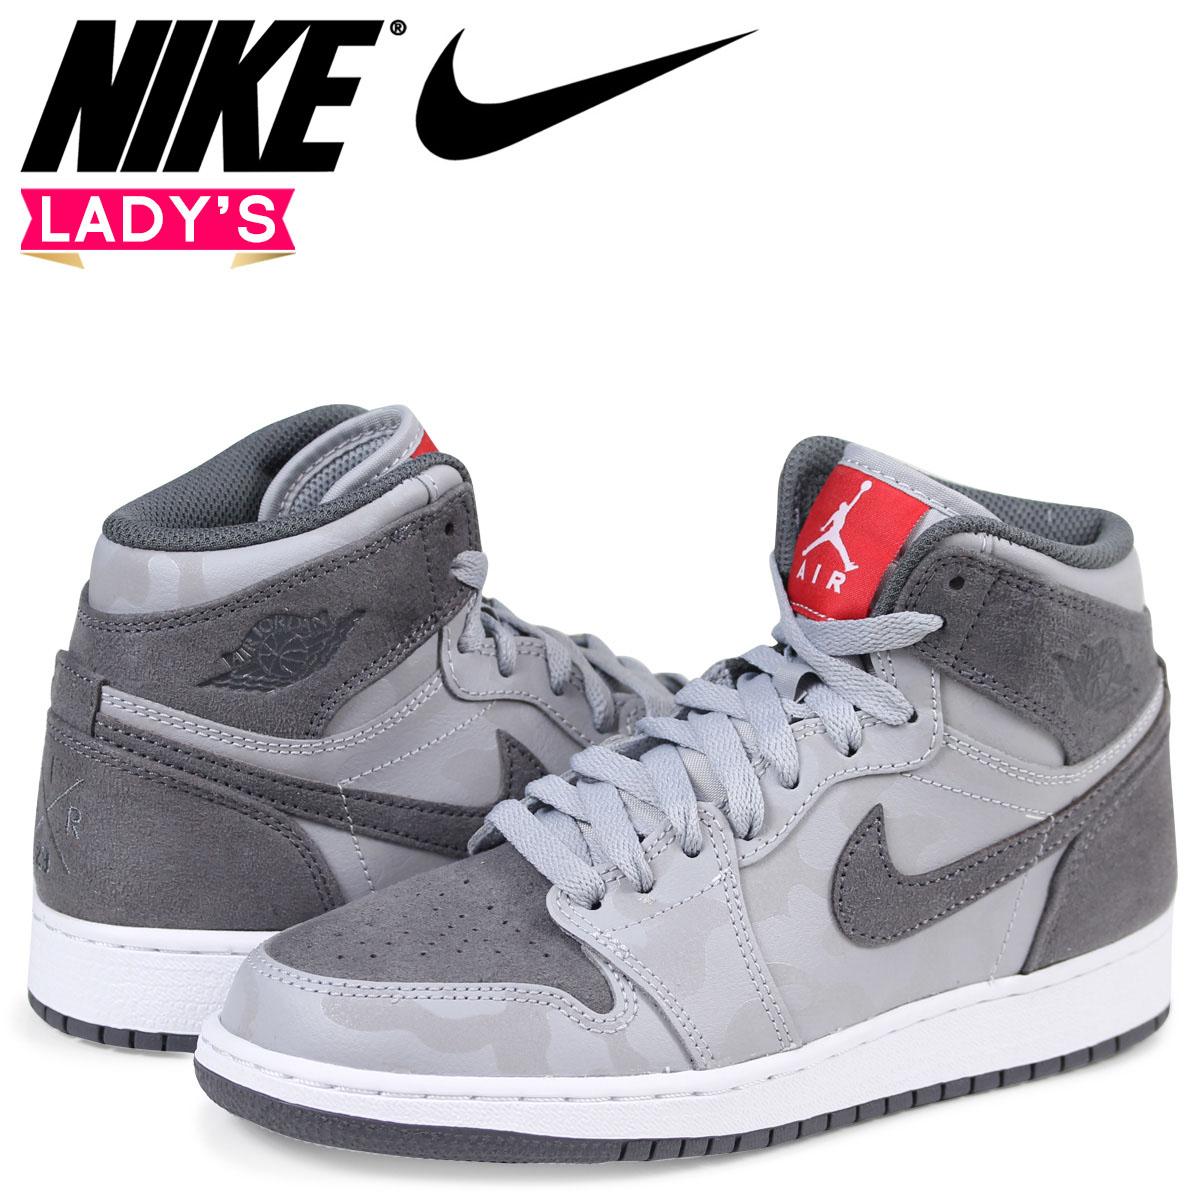 Nike NIKE Air Jordan 1 nostalgic lady's sneakers AIR JORDAN 1 RETRO HIGH  PREMIUM BG 822,858-027 gray [2/8 Shinnyu load]